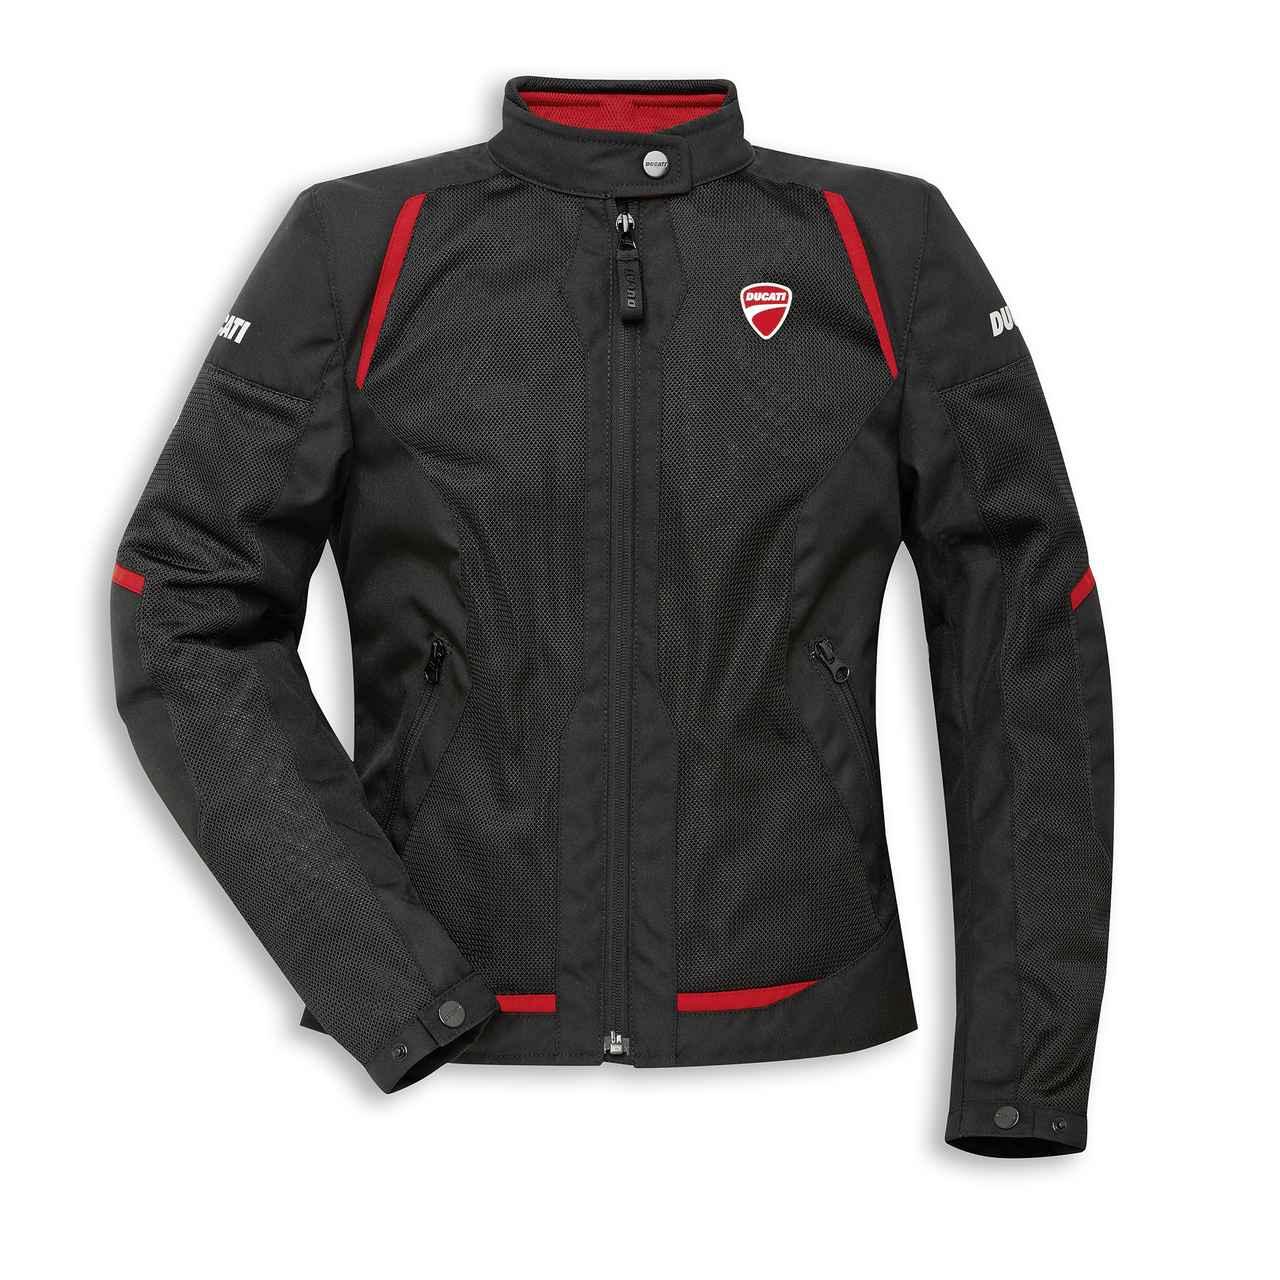 画像: Flow C3 - ファブリックジャケット(レディス)   Motorcycle wear   apparel Ducati